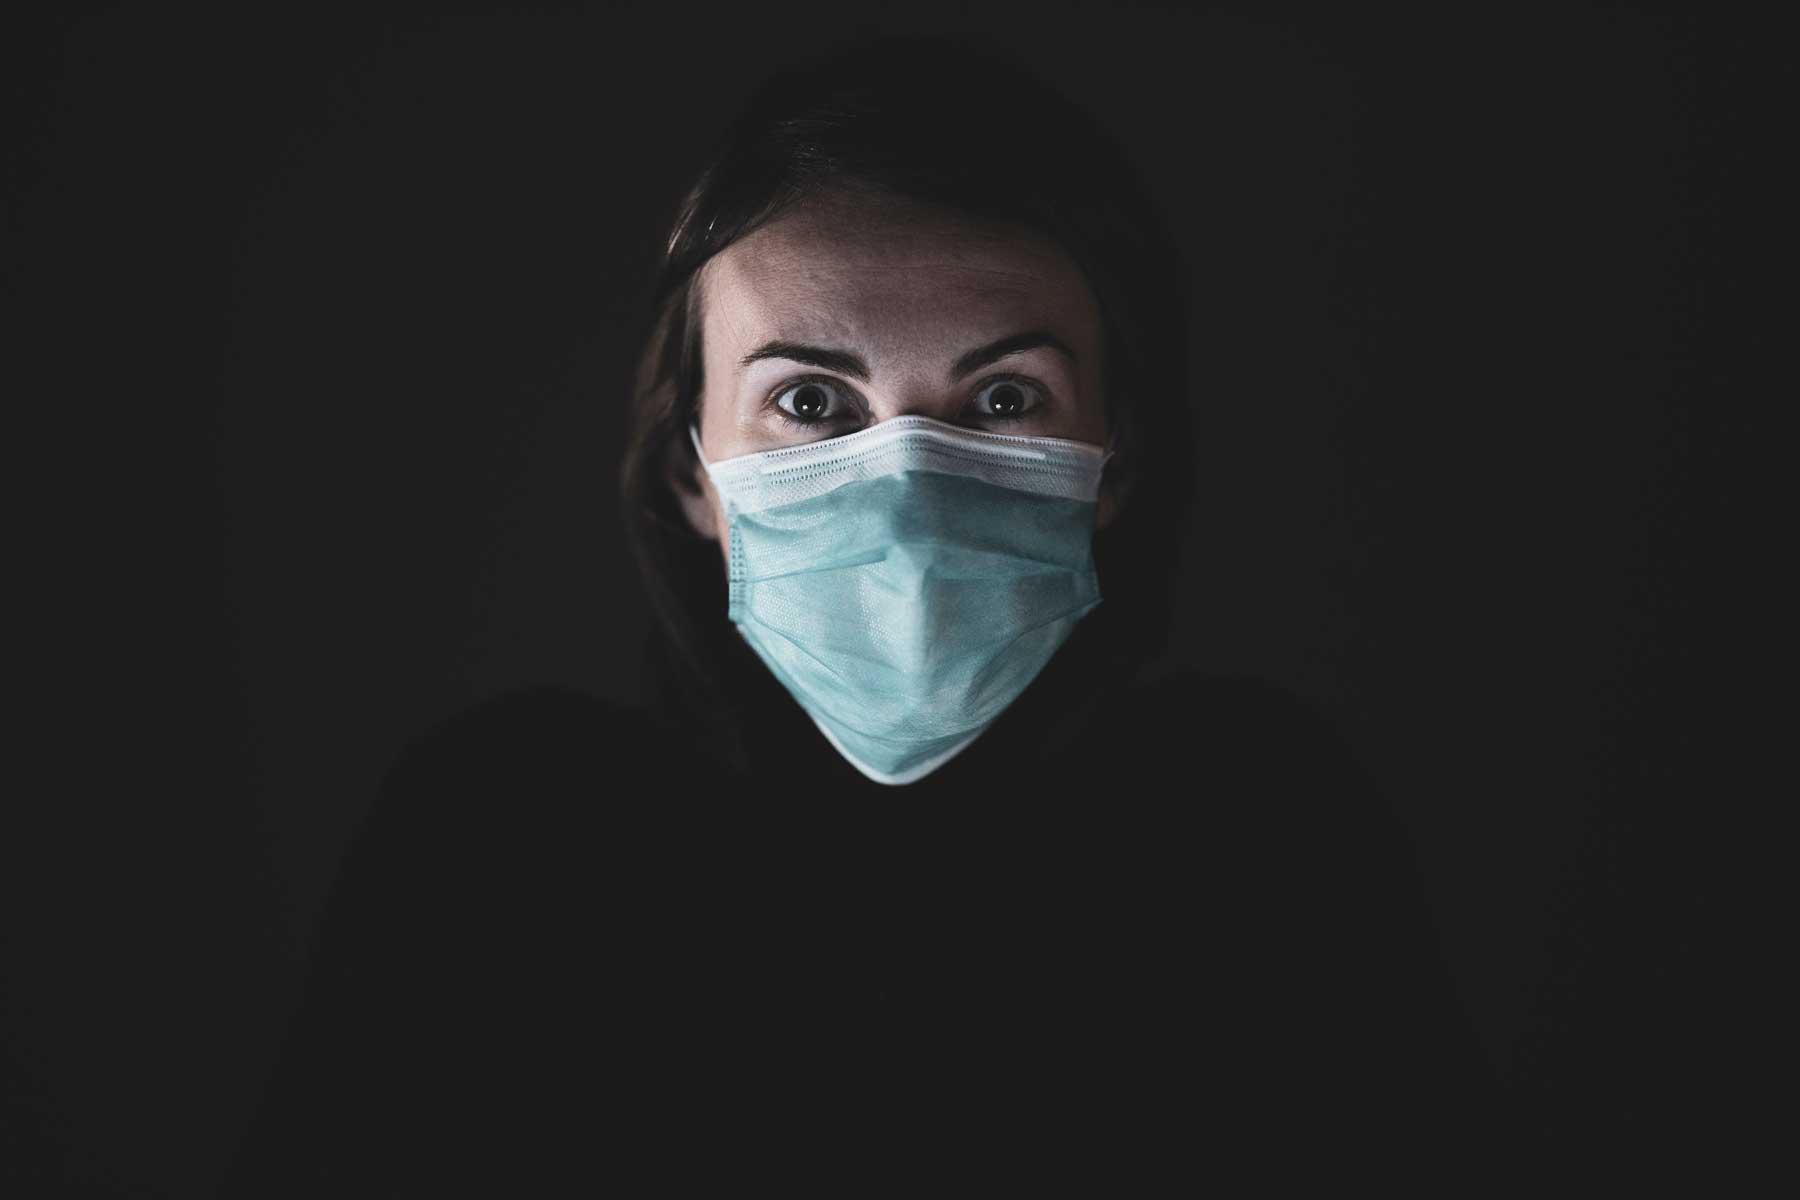 Erschrockene Frau mit medizinischem Mund-Nasenschutz